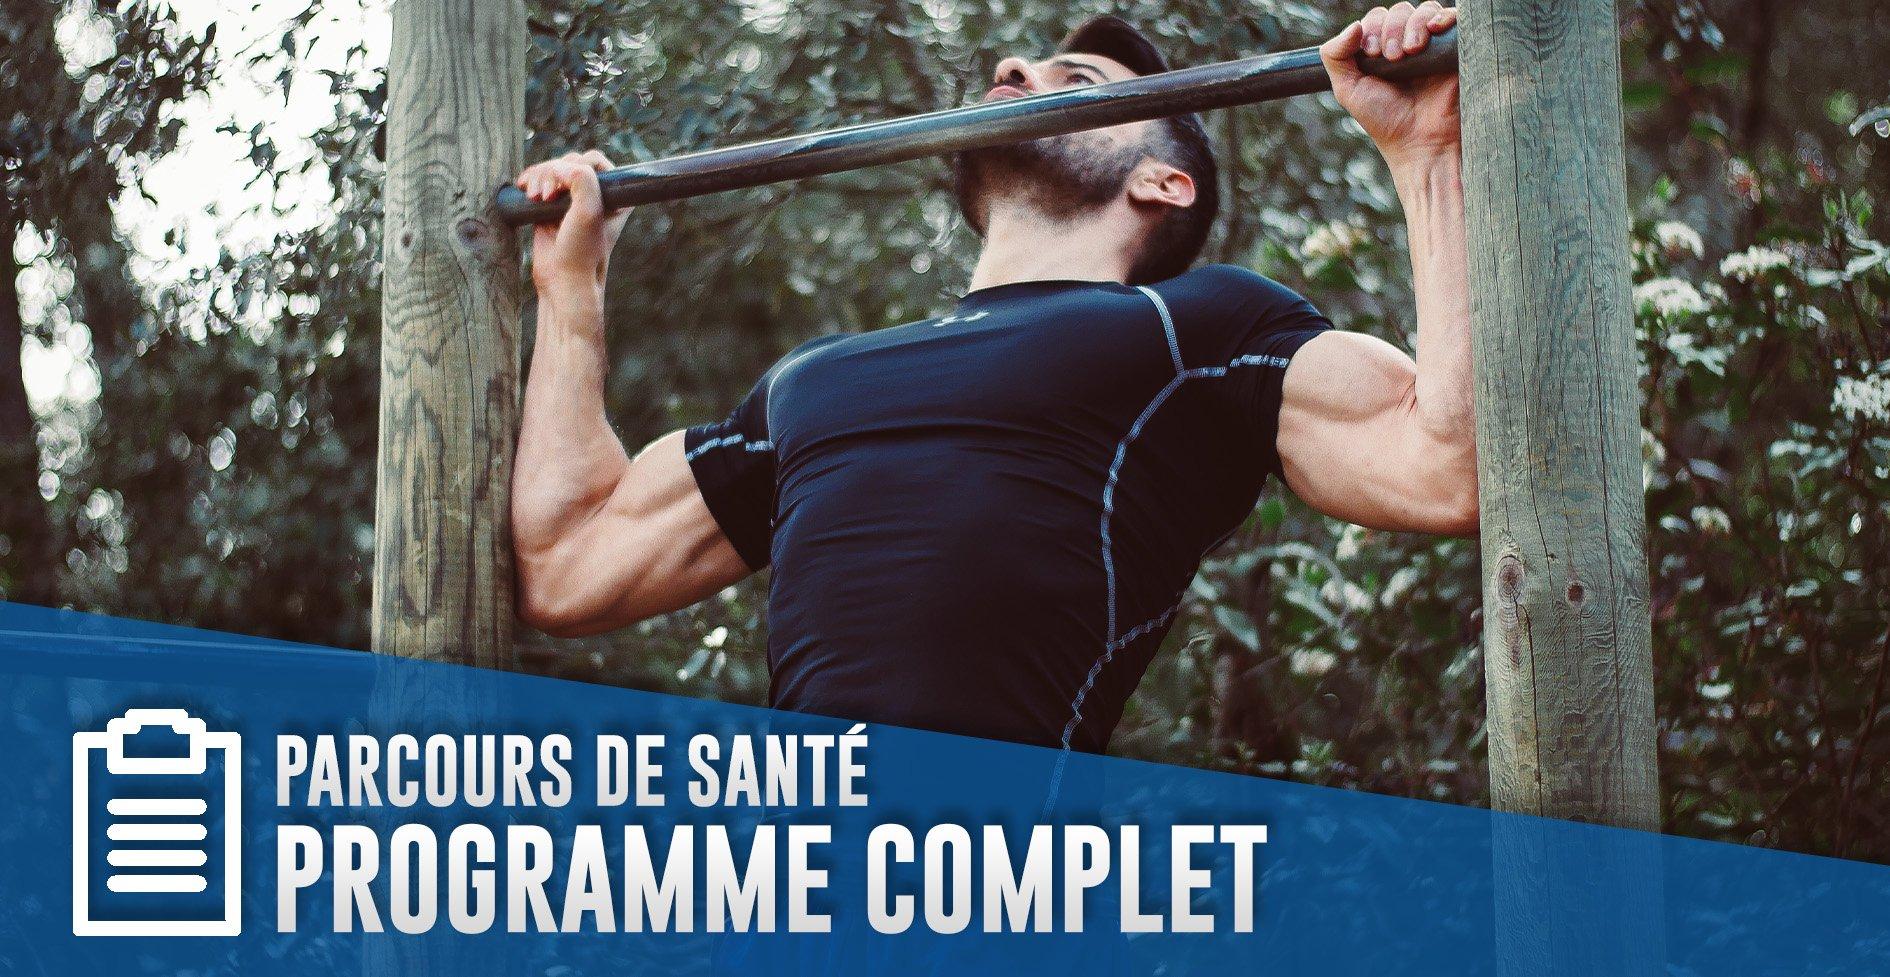 Programme musculation : un parcours de santépour se muscler